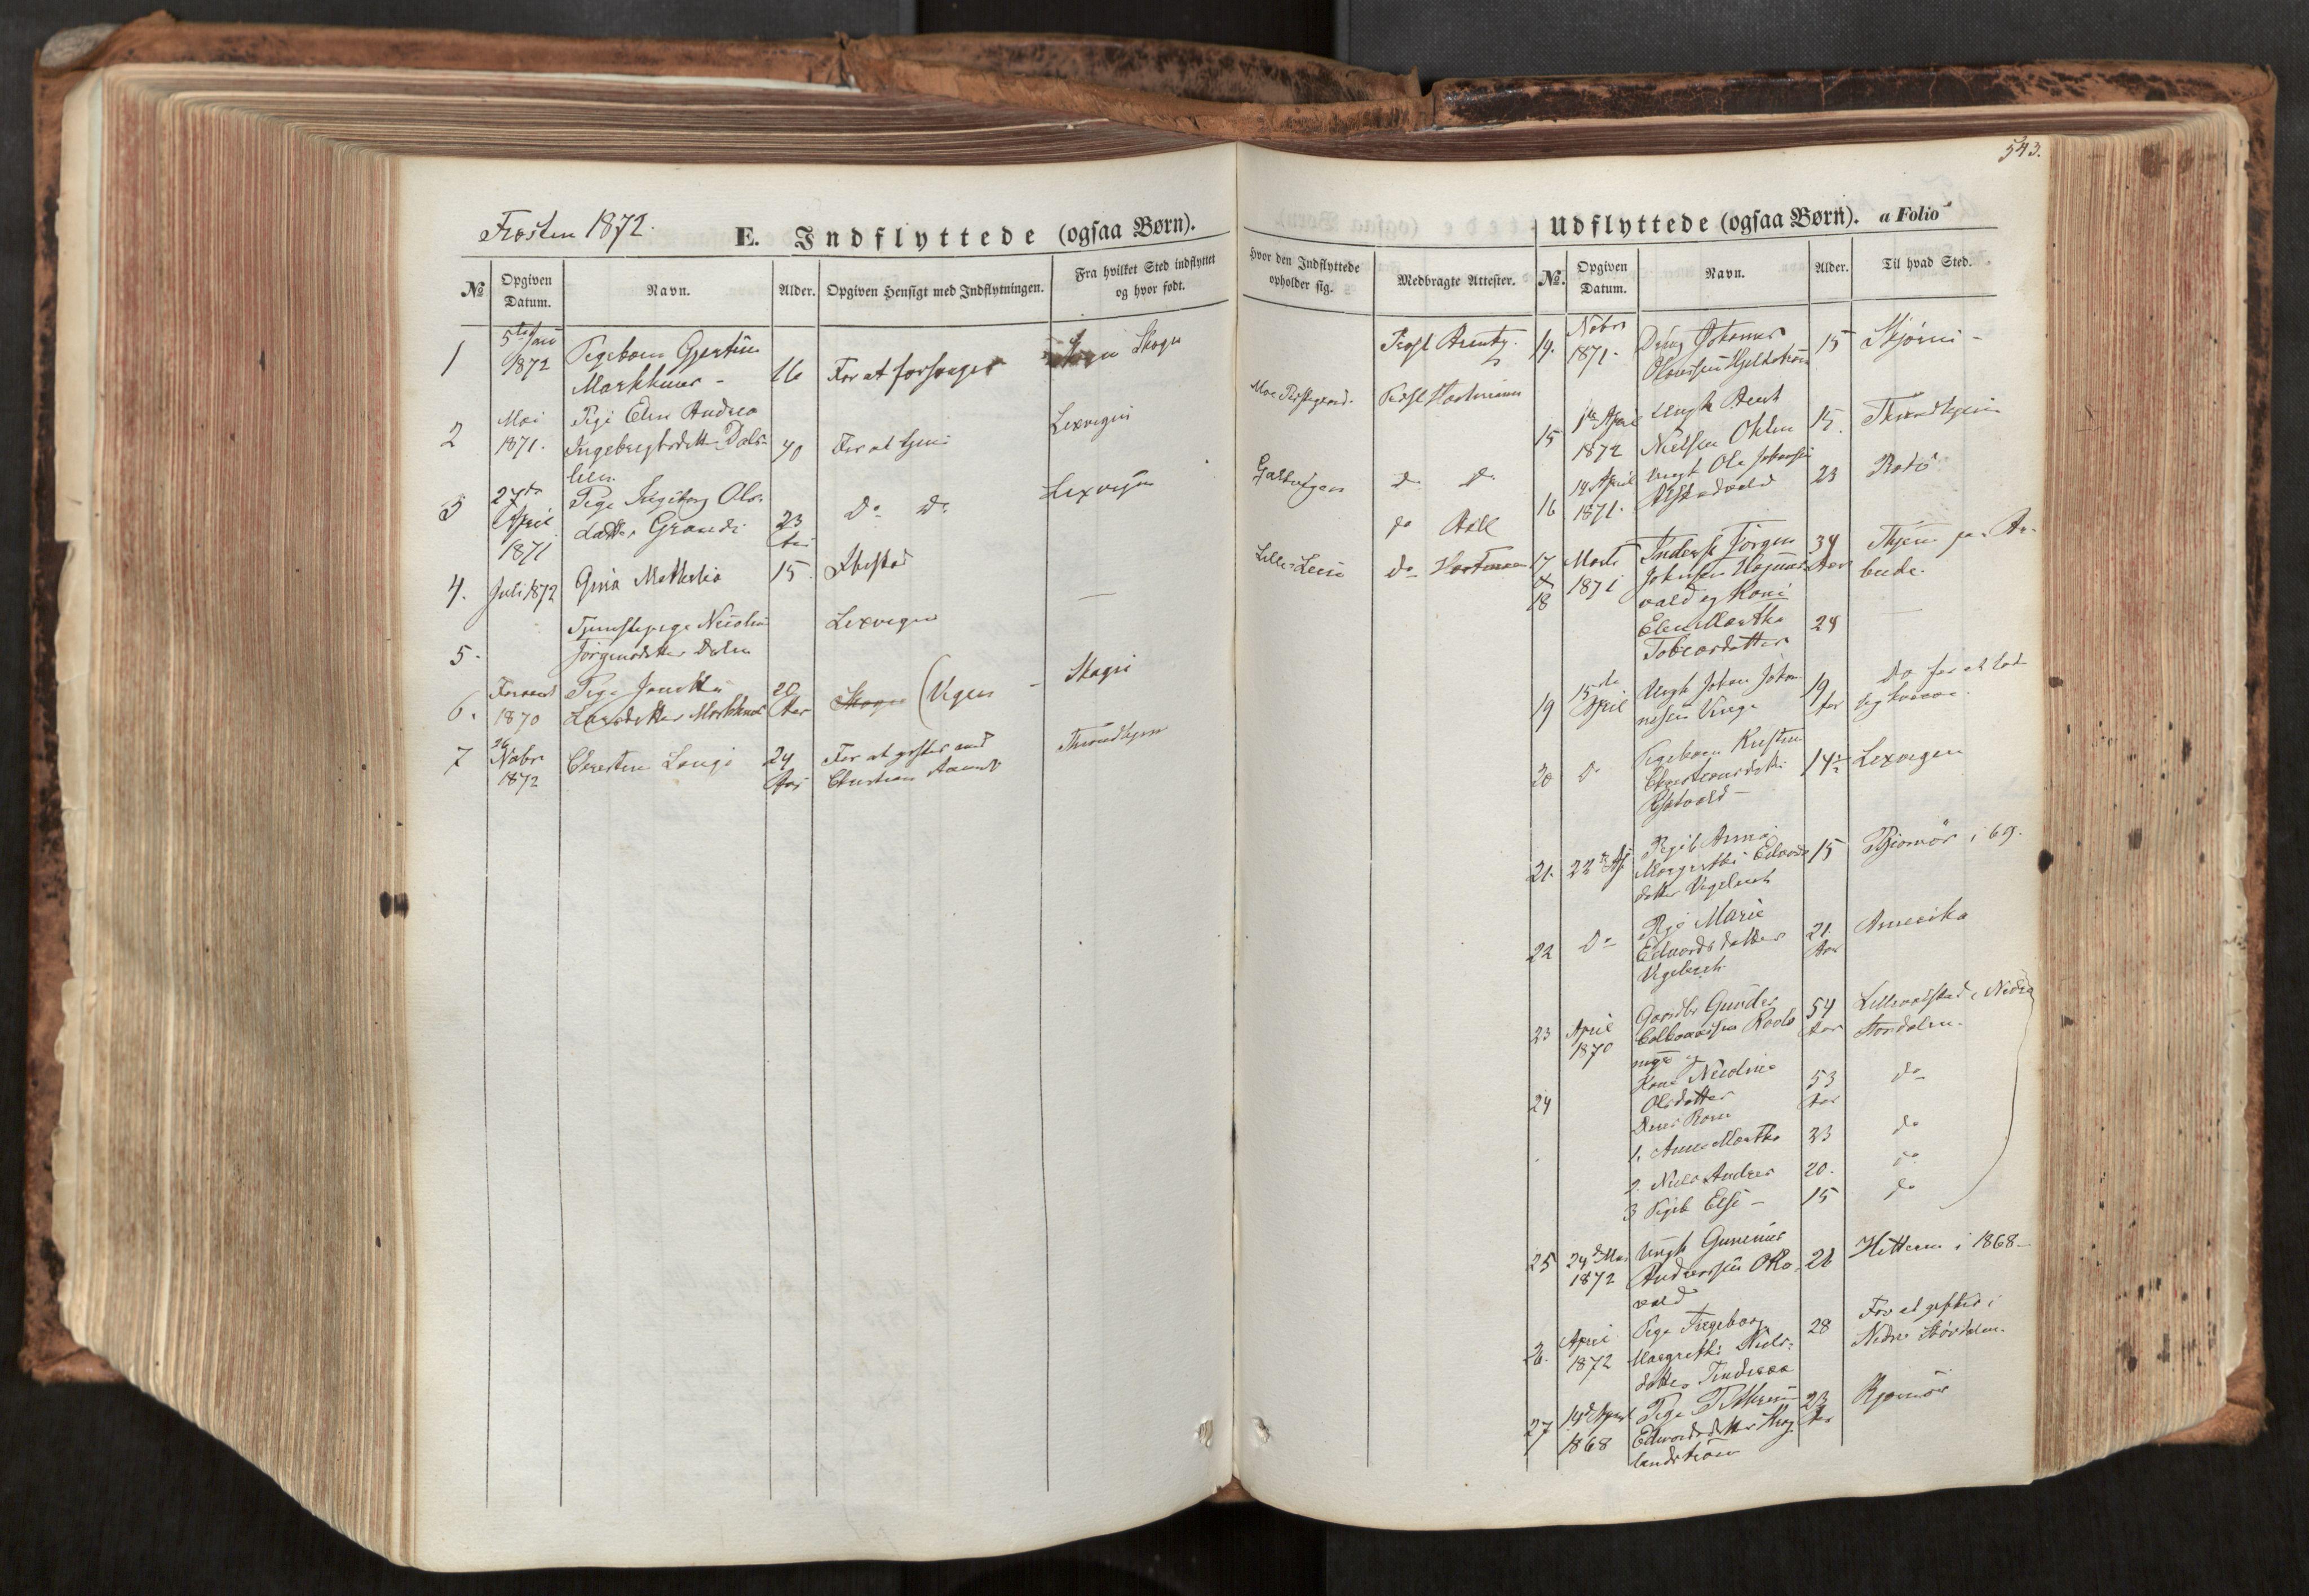 SAT, Ministerialprotokoller, klokkerbøker og fødselsregistre - Nord-Trøndelag, 713/L0116: Ministerialbok nr. 713A07, 1850-1877, s. 543